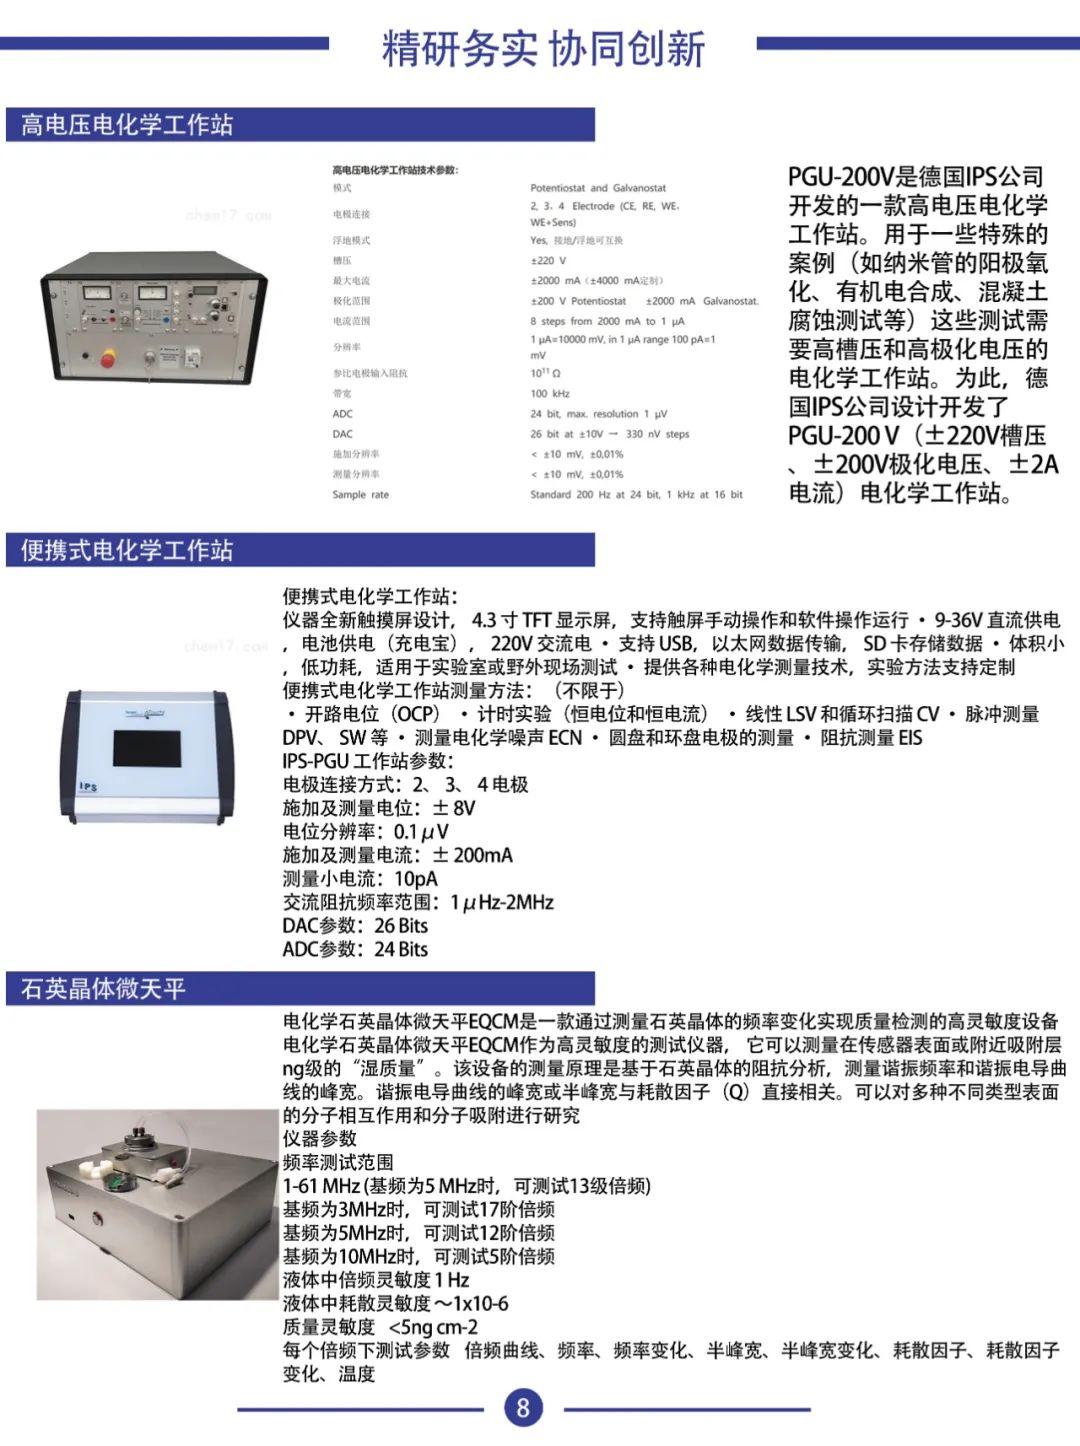 各类电池体系测试装置,这些必须要收藏!